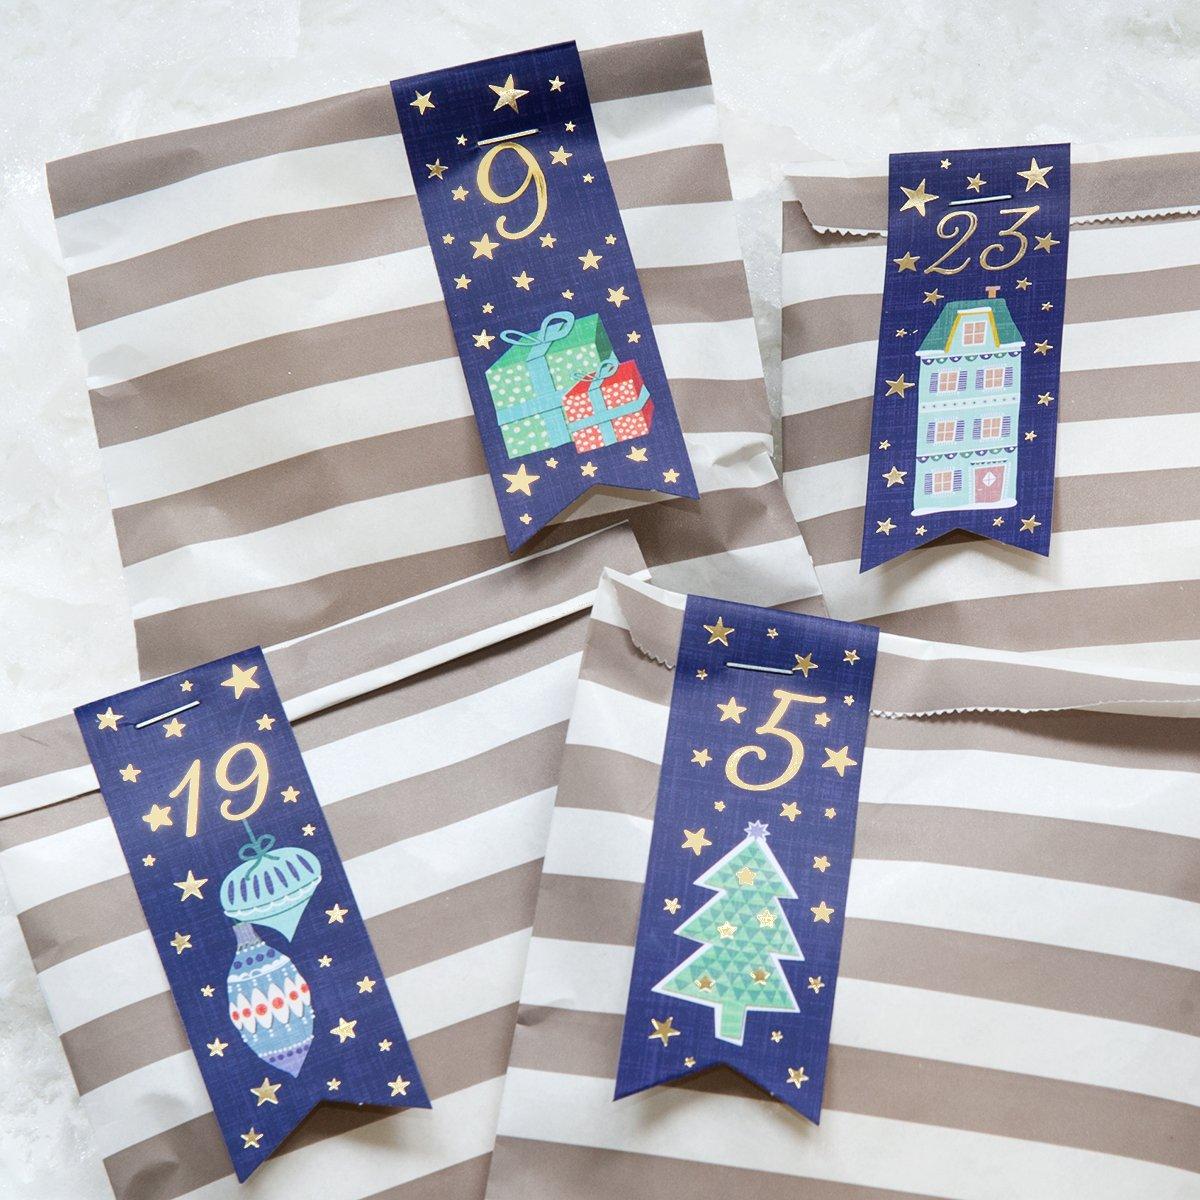 Adventskalender-Fähnchen 'Häuschen' blau mit Goldprägung - Weihnachts Fahnen für den Adventskalender in due